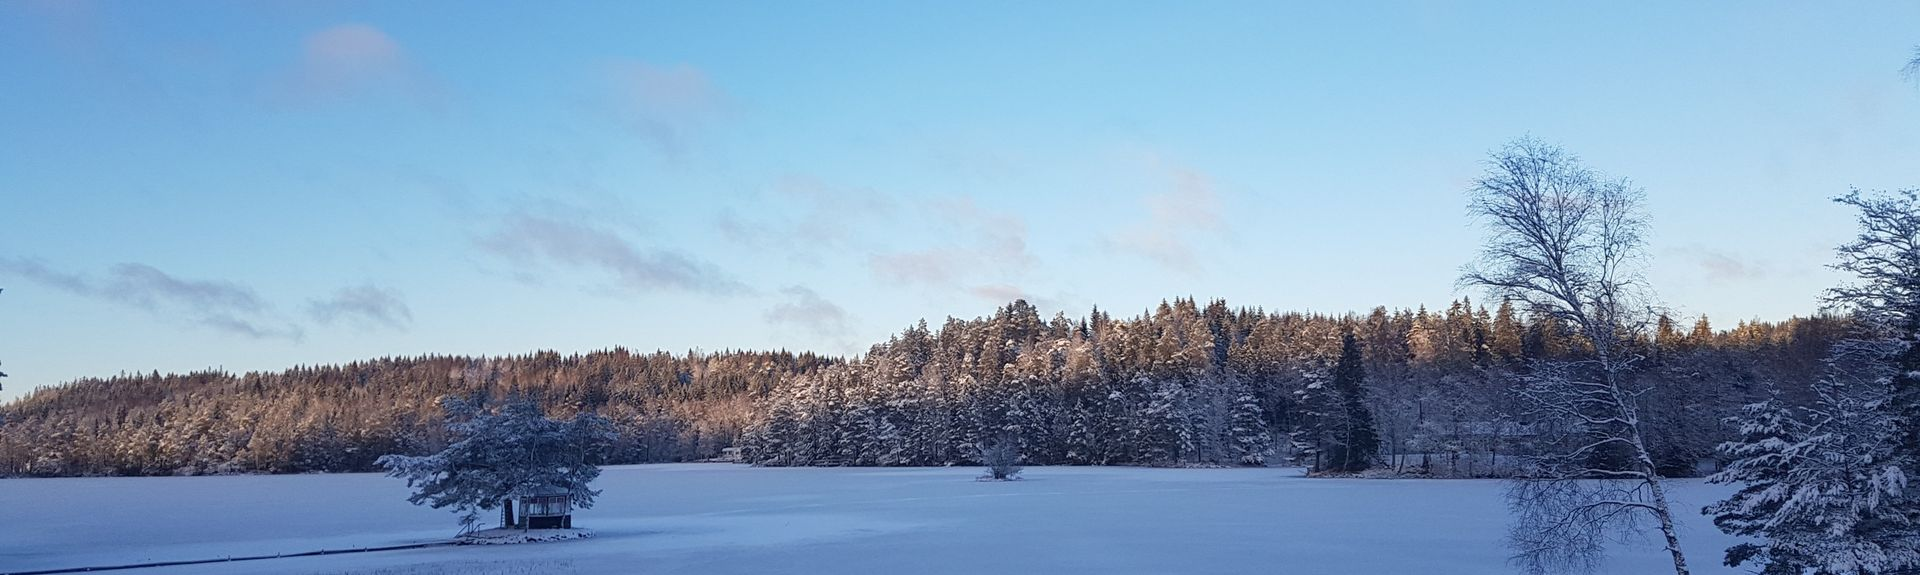 Örebro län, Sverige